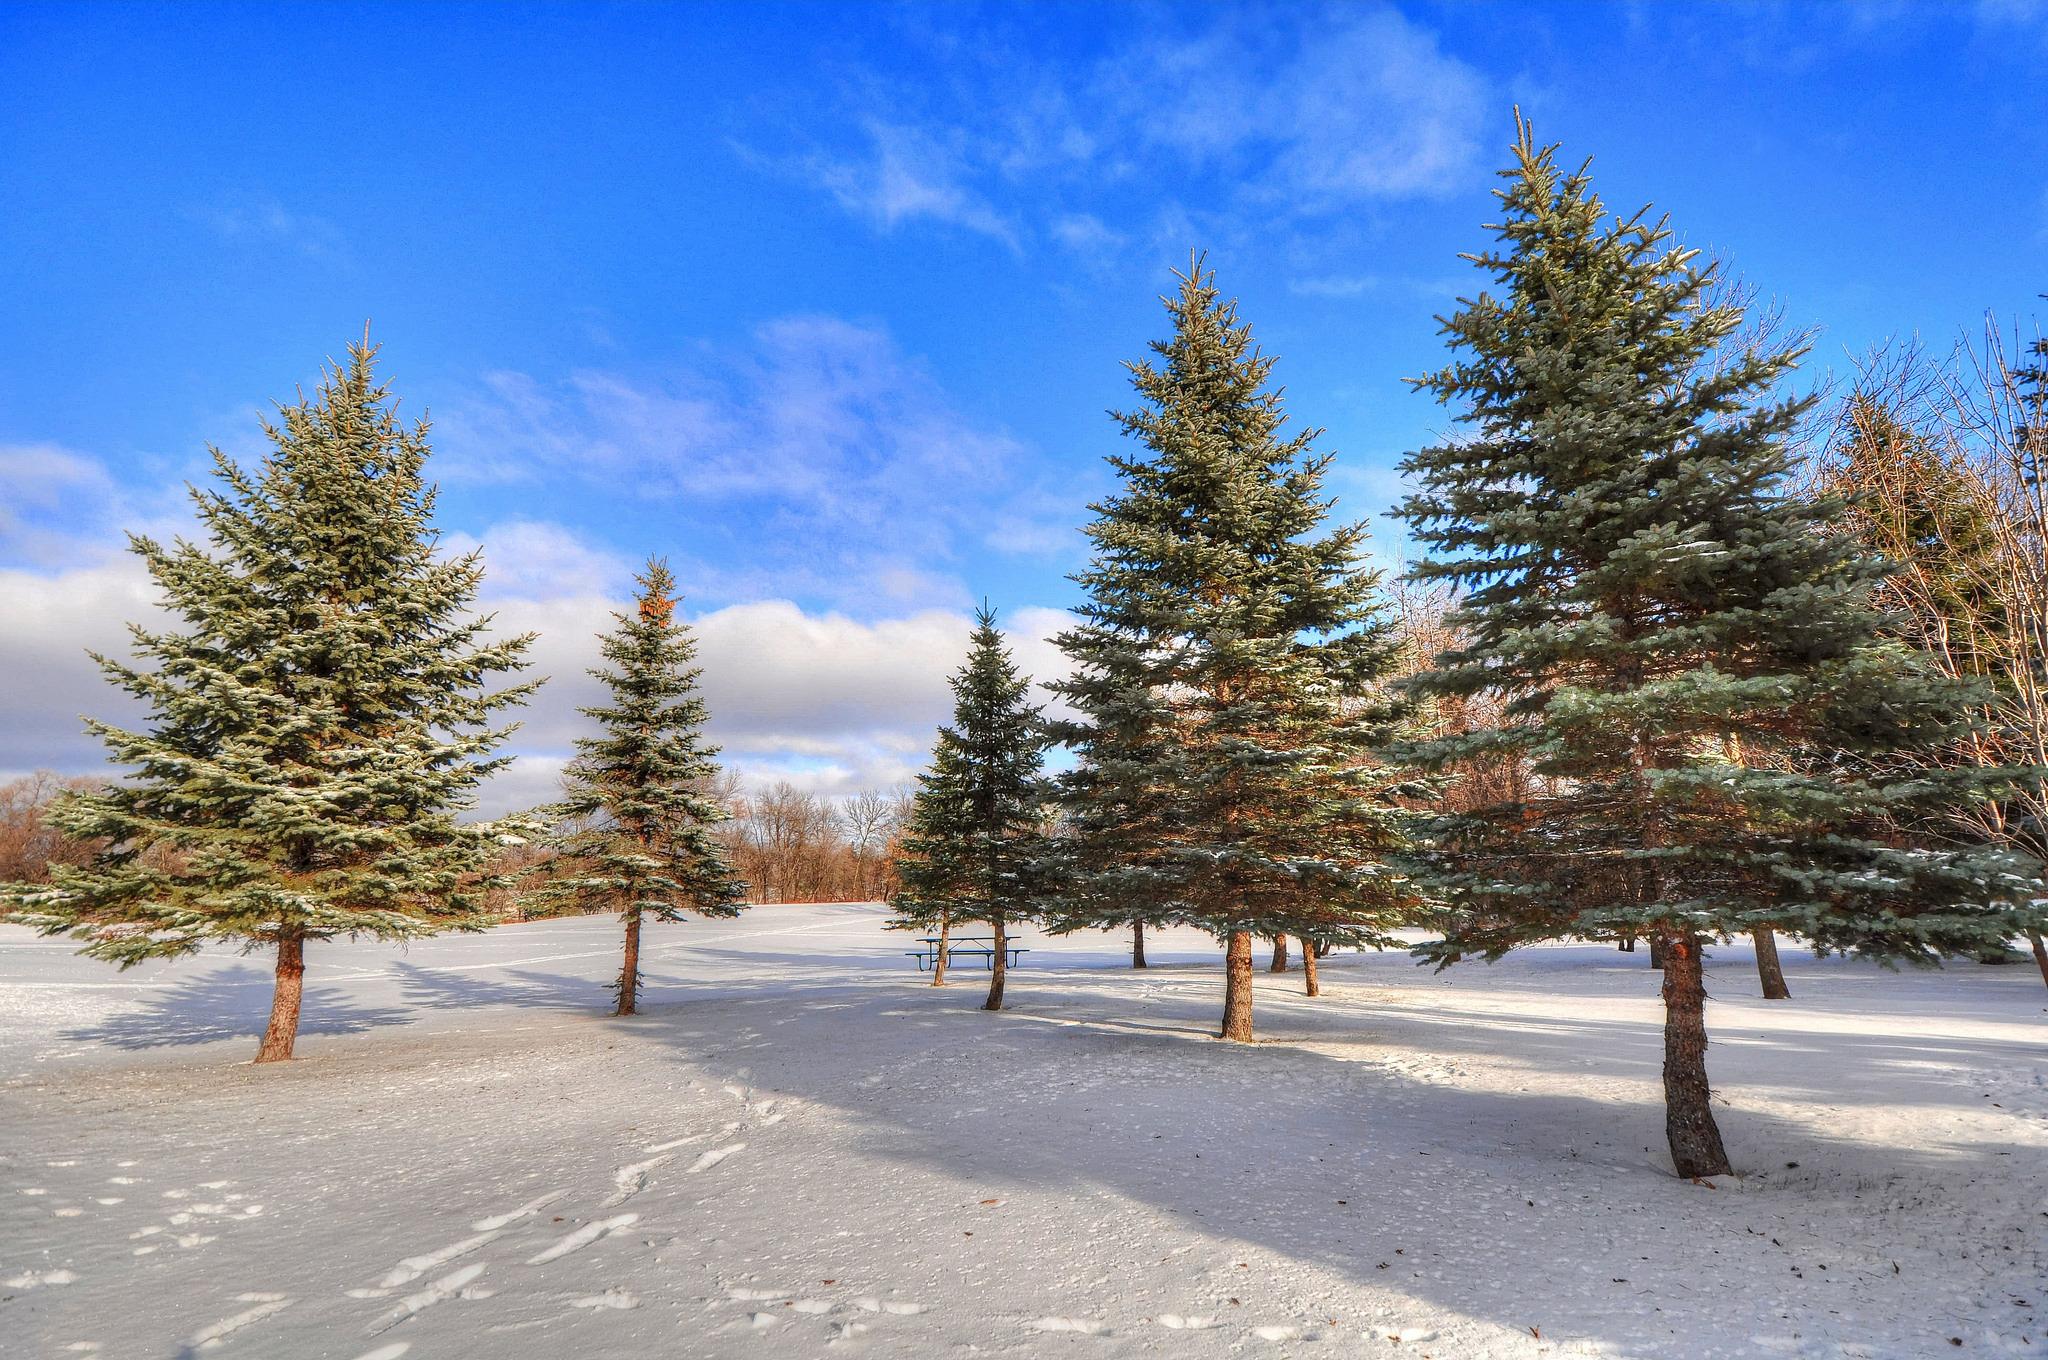 93447 papel de parede 1125x2436 em seu telefone gratuitamente, baixe imagens Inverno, Natureza, Árvores, Neve, Floresta 1125x2436 em seu celular